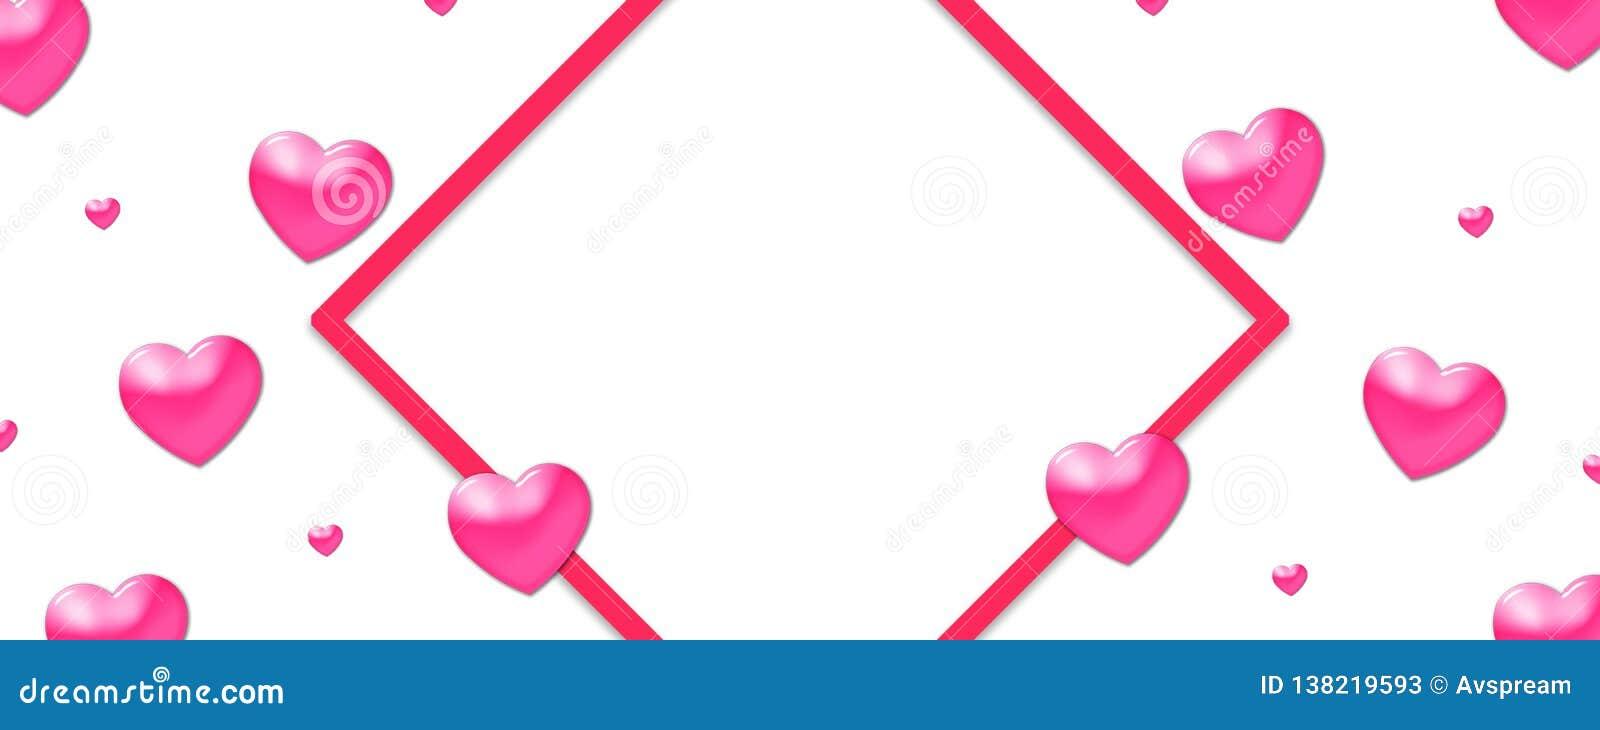 Valentin planlägger, färgrika hjärtor på vit bakgrund med gränsen och kopieringsutrymme Valentin dag,